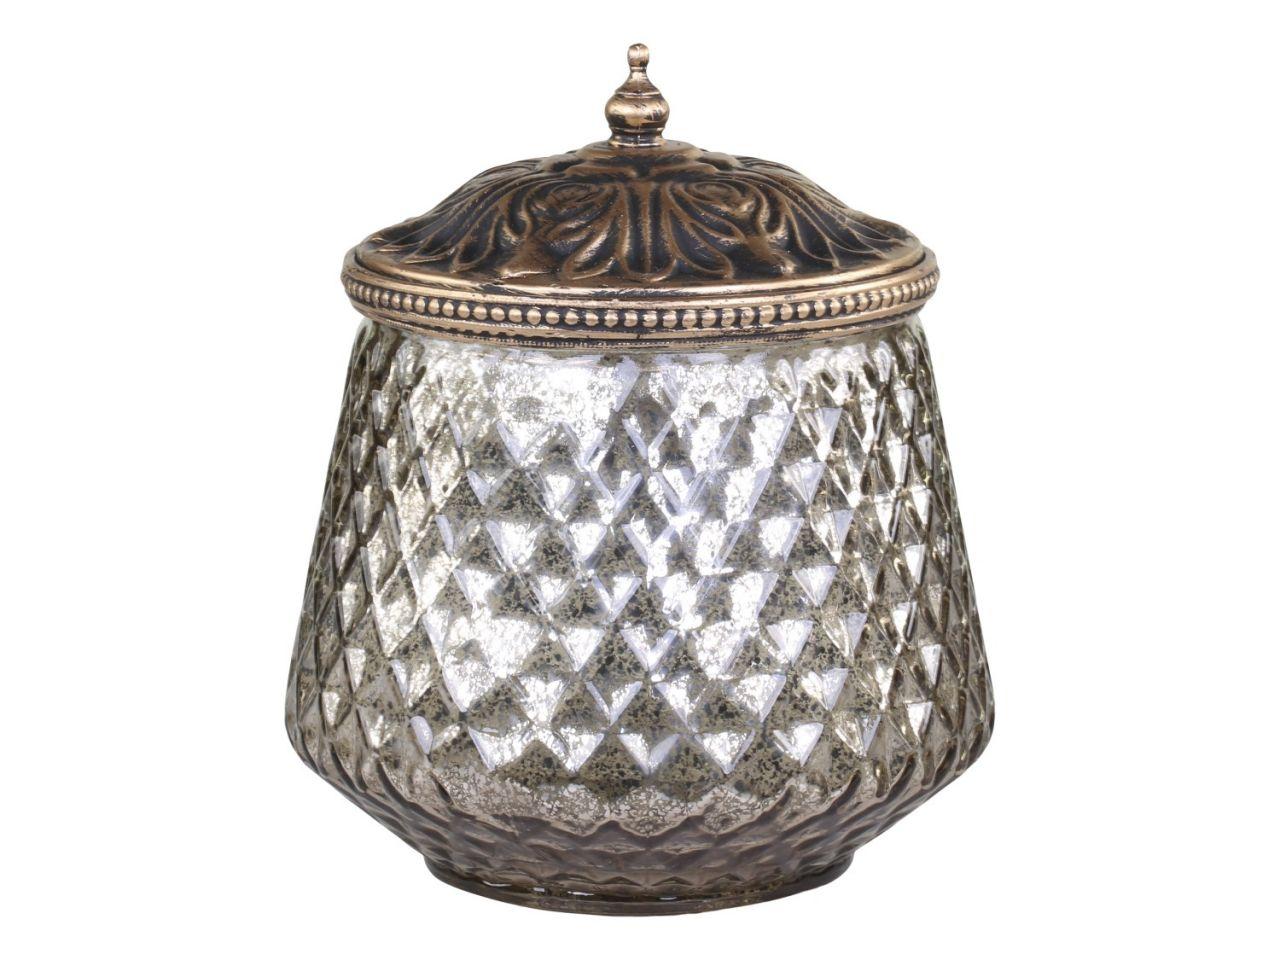 -Aufbewahrungsglas m Perlenkante und Deckel von Chic Antique-